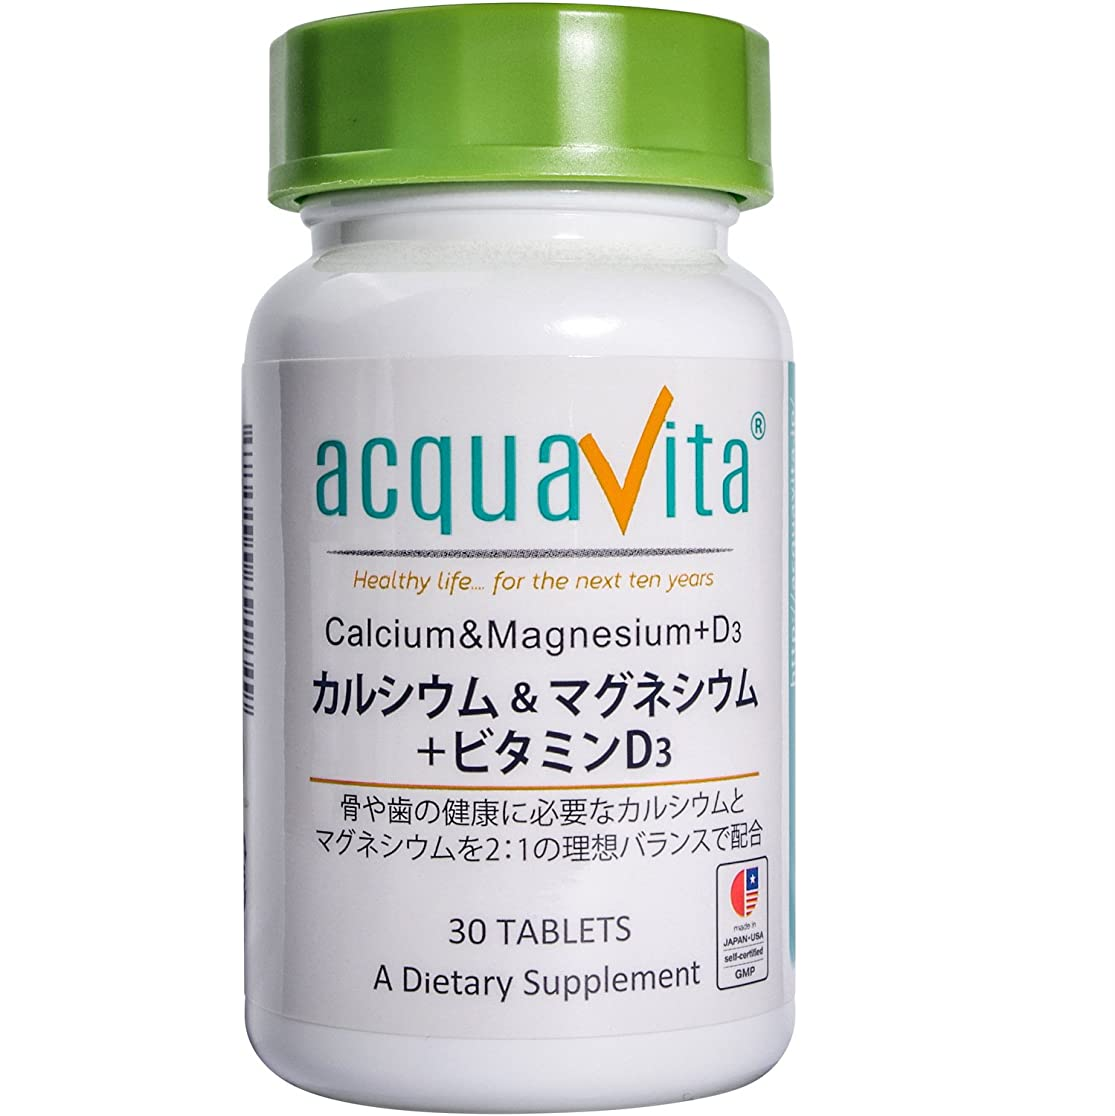 寸前必需品キャンバスアクアヴィータ カルシウム&マグネシウム+ビタミンD3 30粒